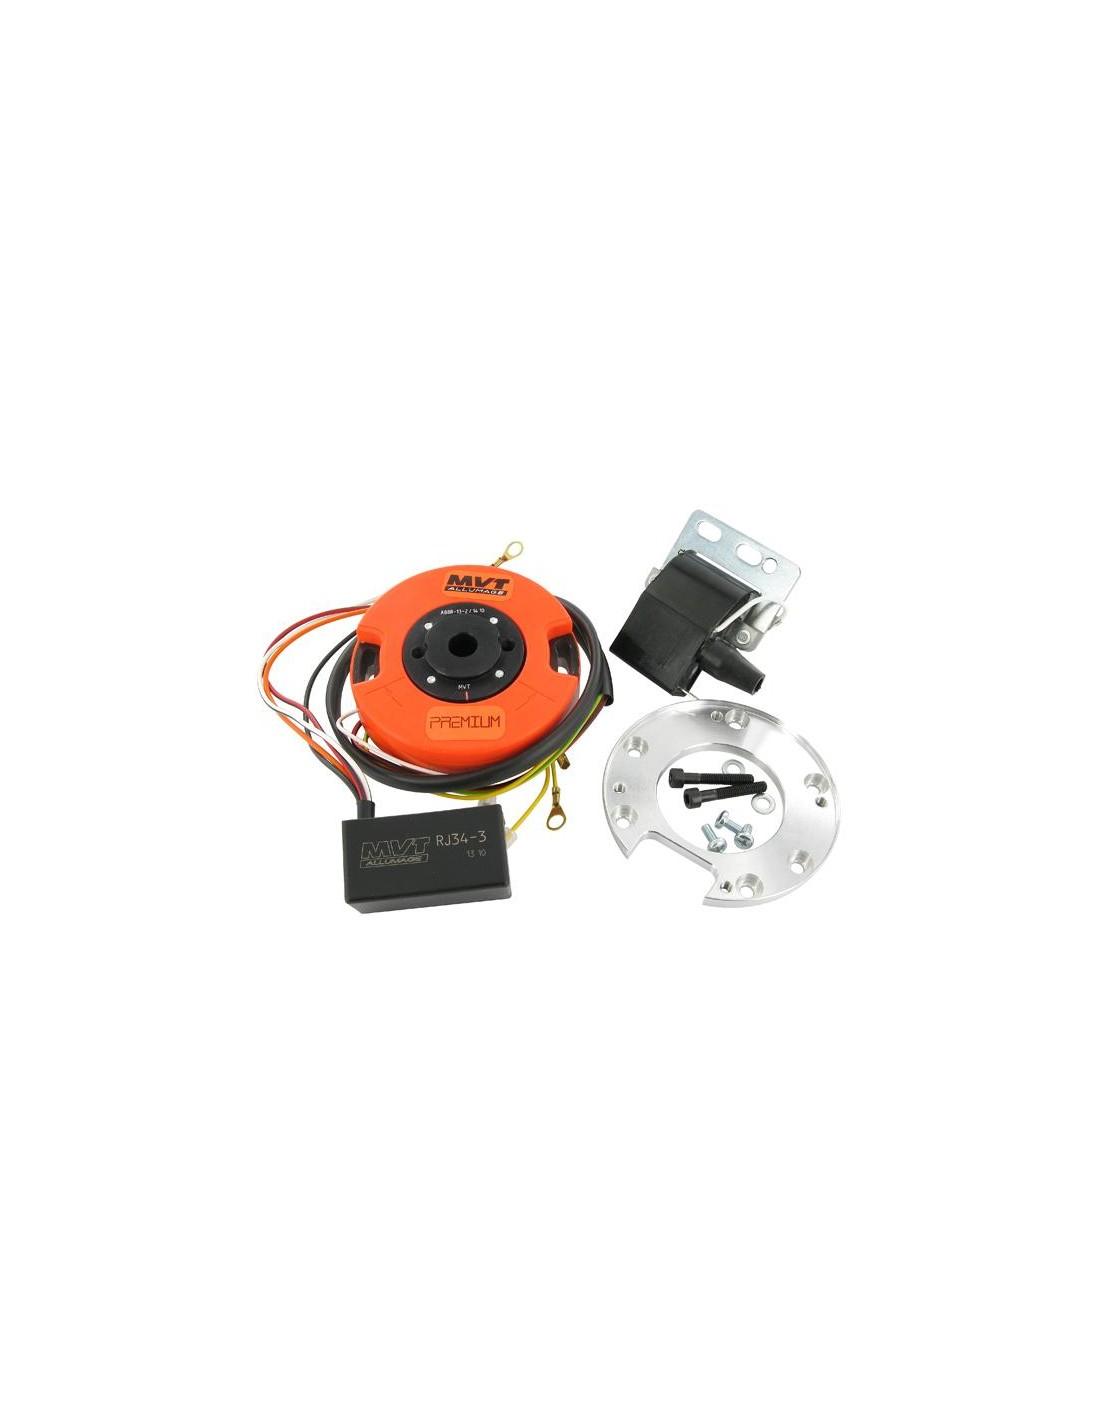 Schema Elettrico Beta Rr 50 : Accensione a rotore mvt dd con luci minarelli am mbk